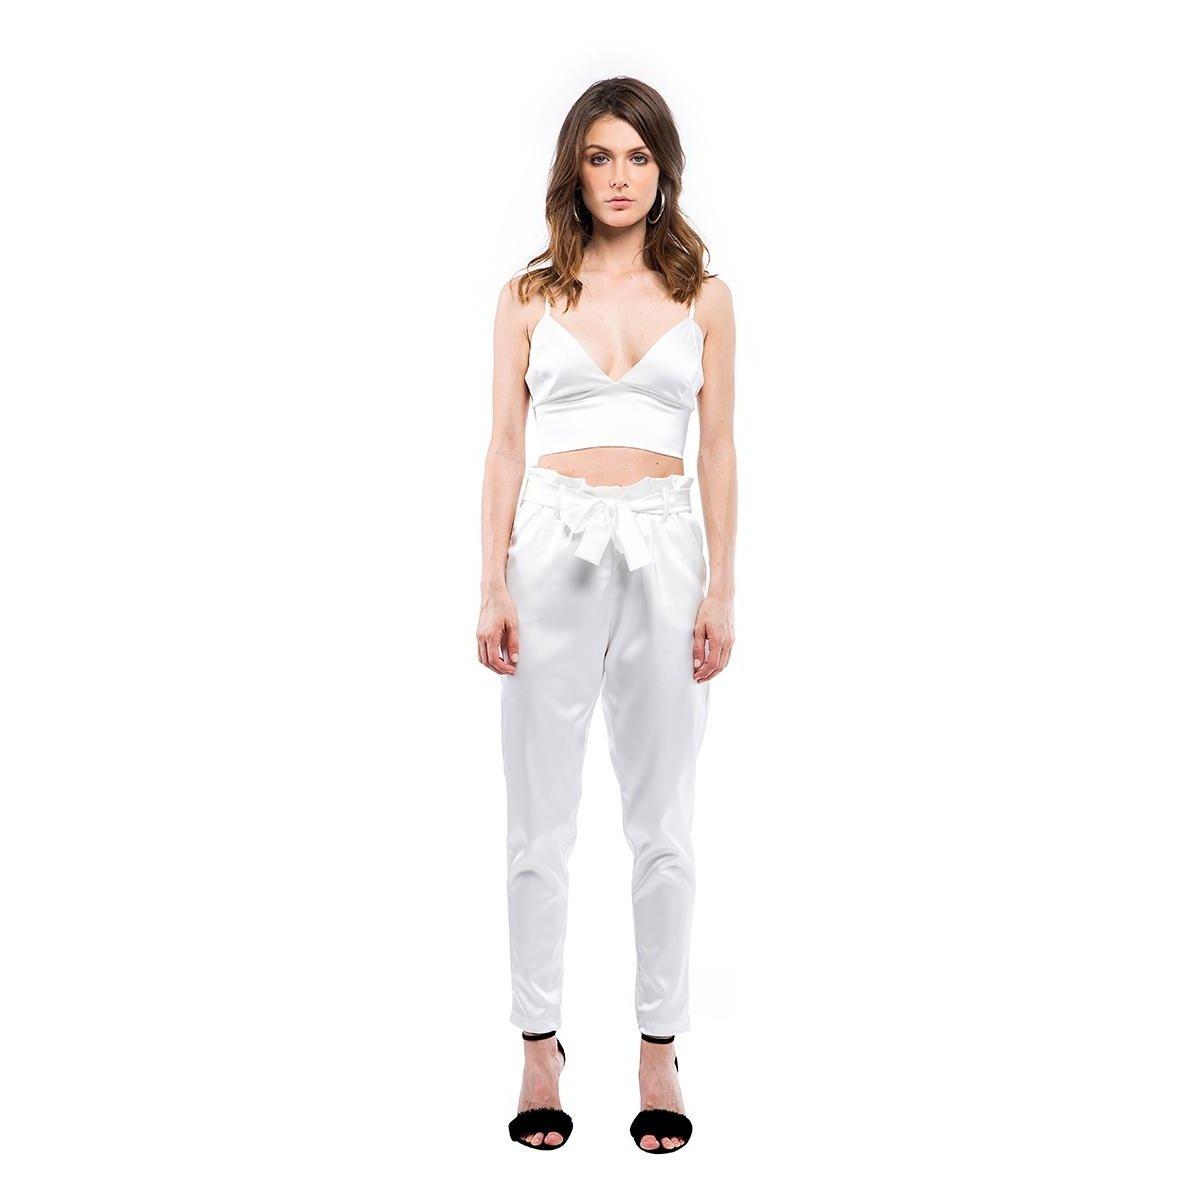 866388e239 Calça Cetim Walk Trendy Feminino - Compre Agora